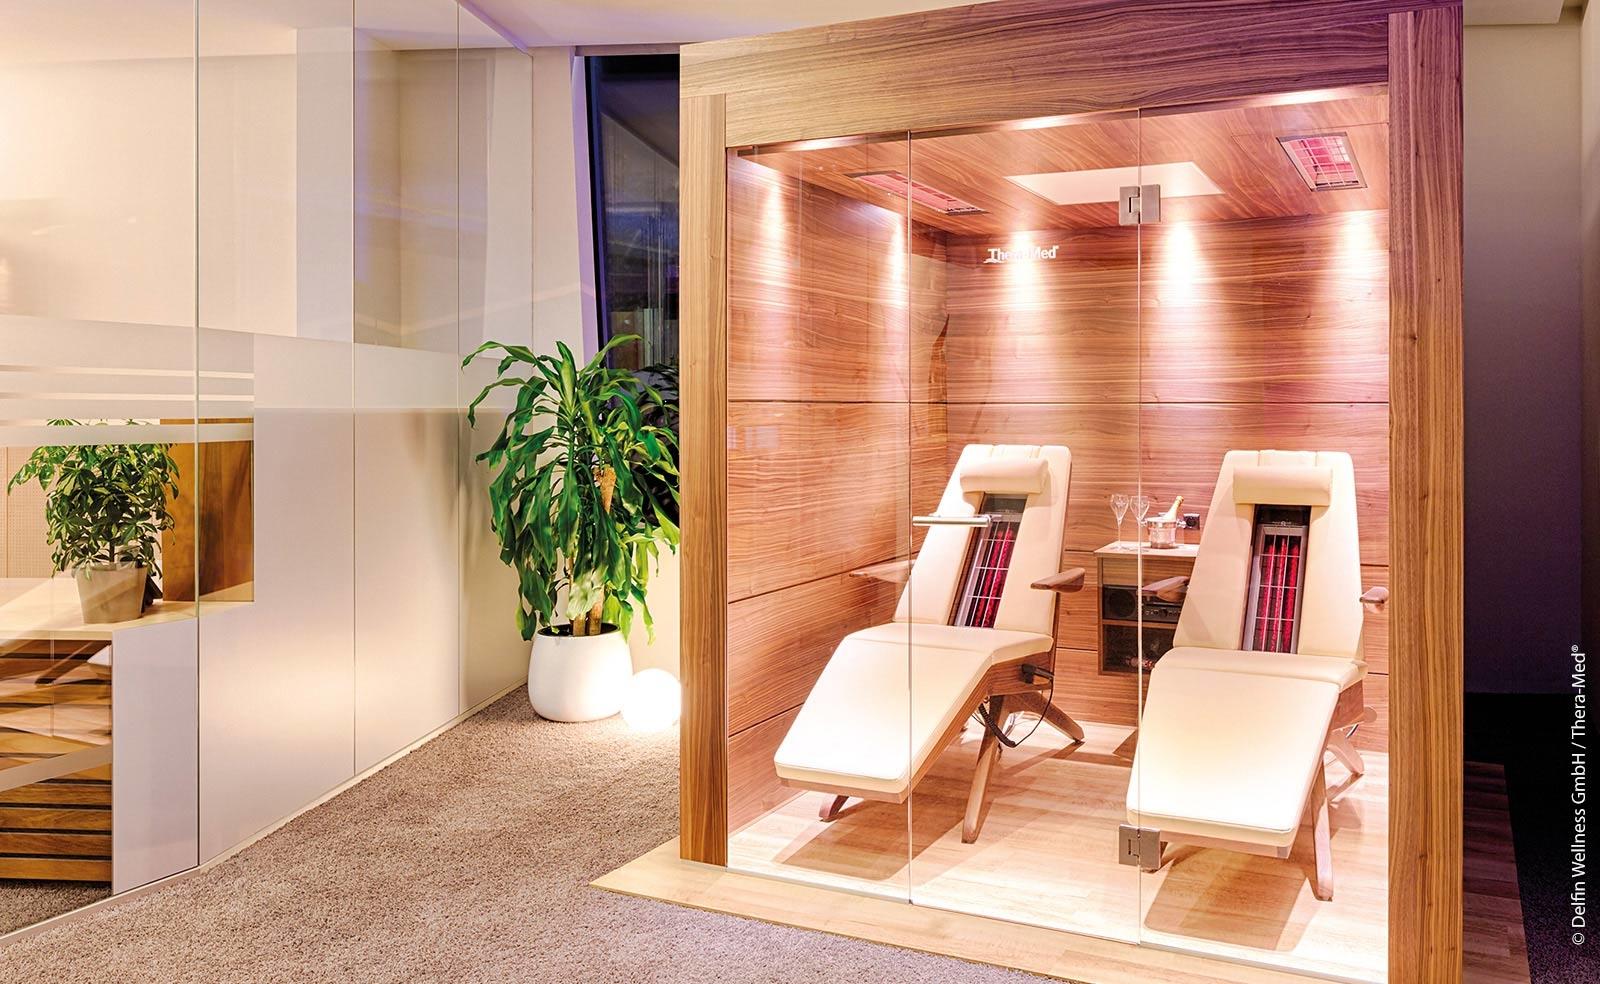 starke gmbh schwimmbad sauna wellness saunen badeanstalten n rnberg deutschland tel. Black Bedroom Furniture Sets. Home Design Ideas